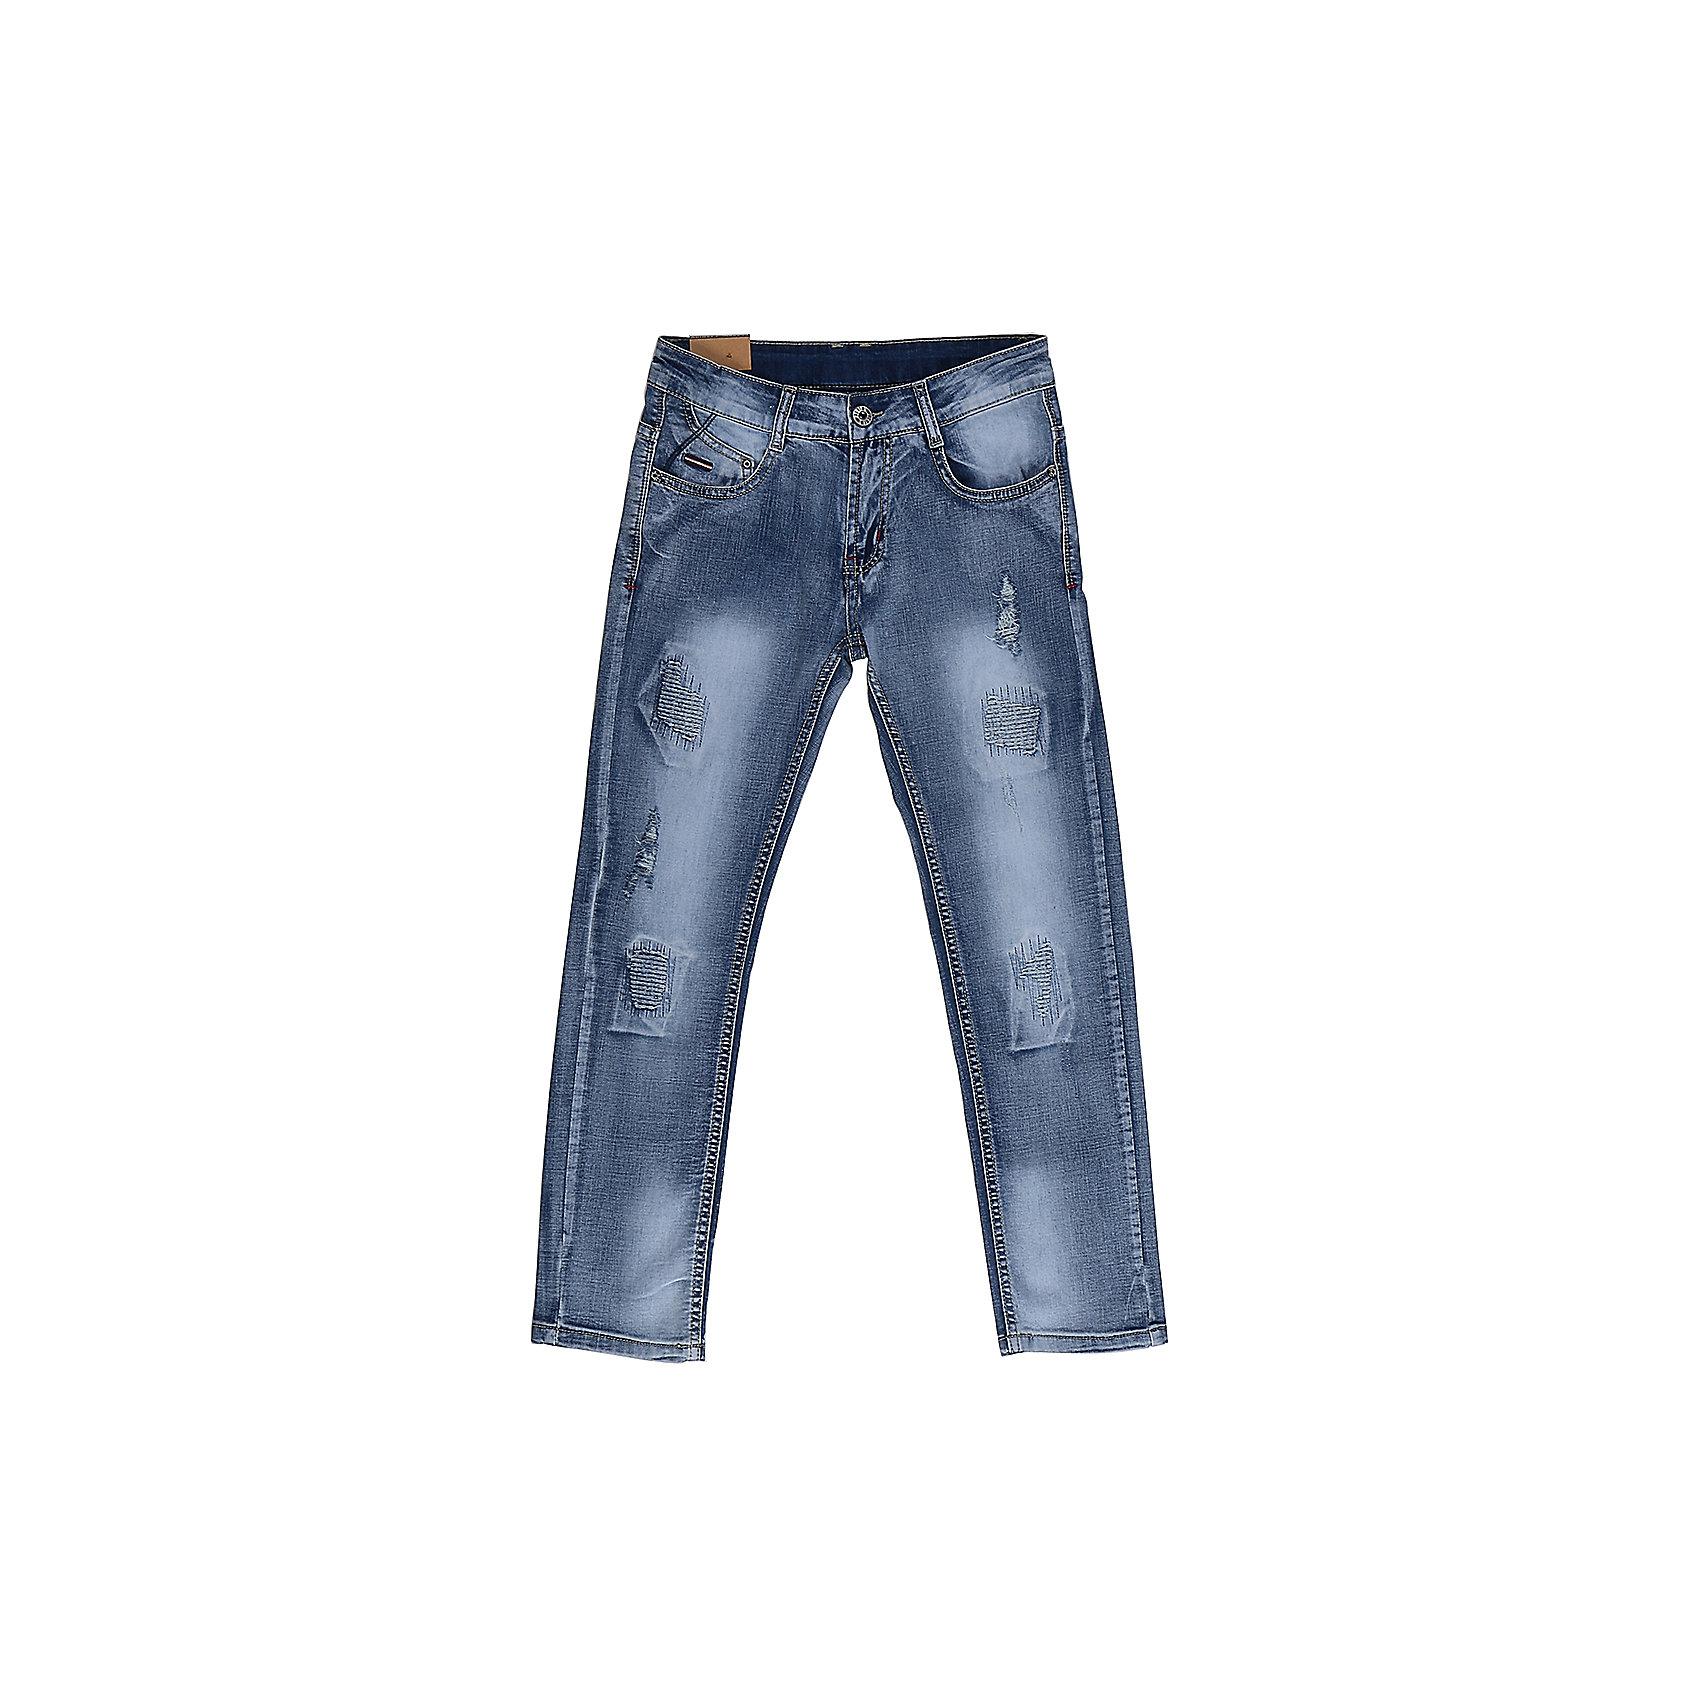 Джинсы для мальчика LuminosoДжинсовая одежда<br>Джинсы  для мальчика с оригинальной варкой. Декорированы  потертости и эффектом рваной джинсы. Зауженный крой, средняя посадка. Застегиваются на молнию и пуговицу. Шлевки на поясе рассчитаны под ремень. В боковой части пояса находятся вшитые эластичные ленты, регулирующие посадку по талии.<br>Состав:<br>98%хлопок 2%эластан<br><br>Ширина мм: 215<br>Глубина мм: 88<br>Высота мм: 191<br>Вес г: 336<br>Цвет: синий<br>Возраст от месяцев: 96<br>Возраст до месяцев: 108<br>Пол: Мужской<br>Возраст: Детский<br>Размер: 134,140,146,152,158,164<br>SKU: 5409723